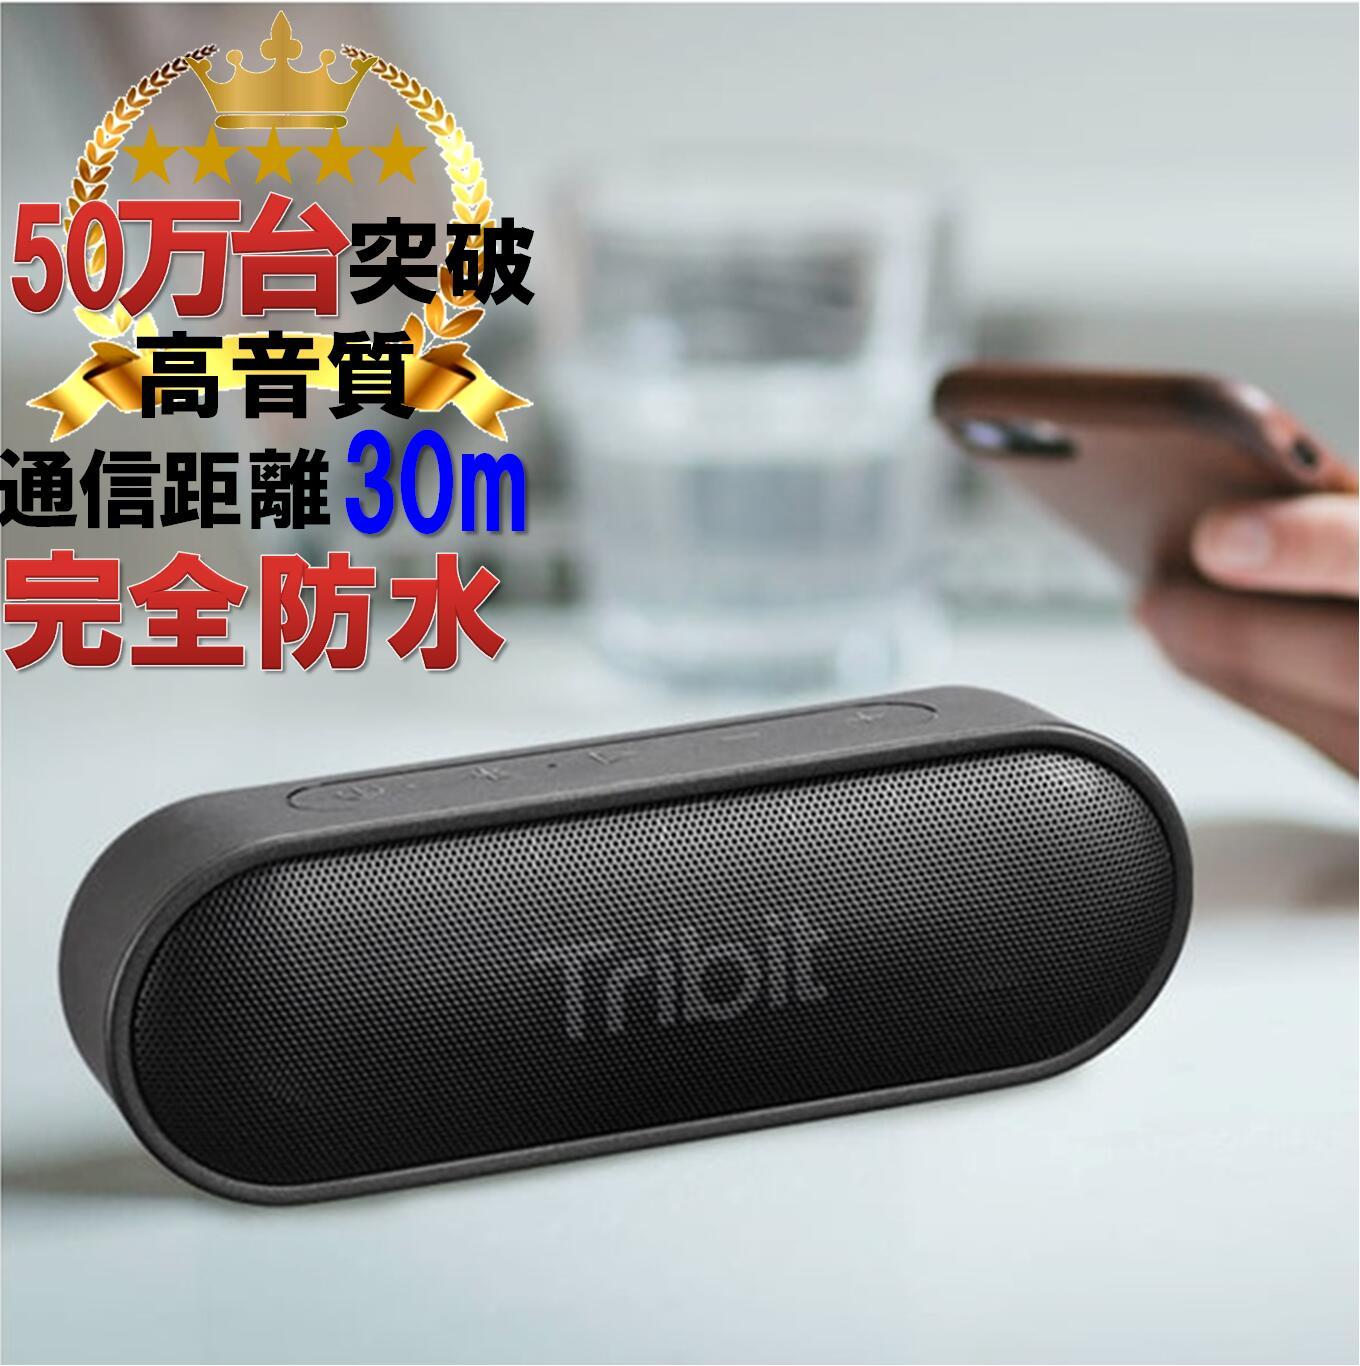 世界で50万台以上販売されたワイヤレス/ポータブルスピーカーです。 【限定P5倍 2021年モデル】 ポータブルスピーカー 防水スピーカー bluetooth スピーカー 防水 スピーカー おしゃれ ワイヤレススピーカー 高音質 防水 Tribit XSound Go 24時間連続再生 Bluetooth5.0 低音強化/内蔵マイク搭載 お風呂 小型 ブルートゥーススピーカー